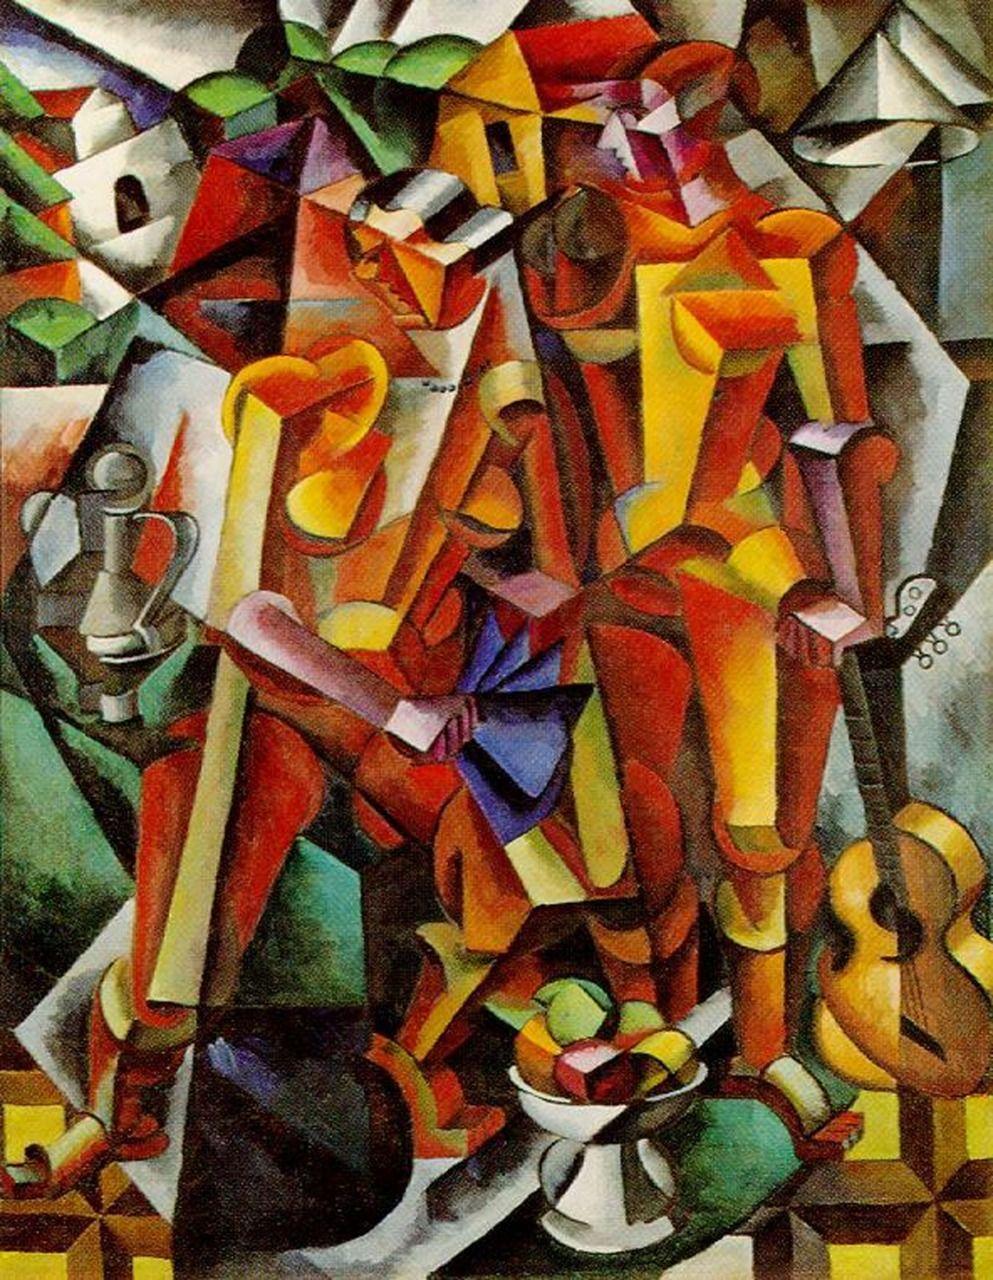 Lyobov Popova: Two Figures, 1913